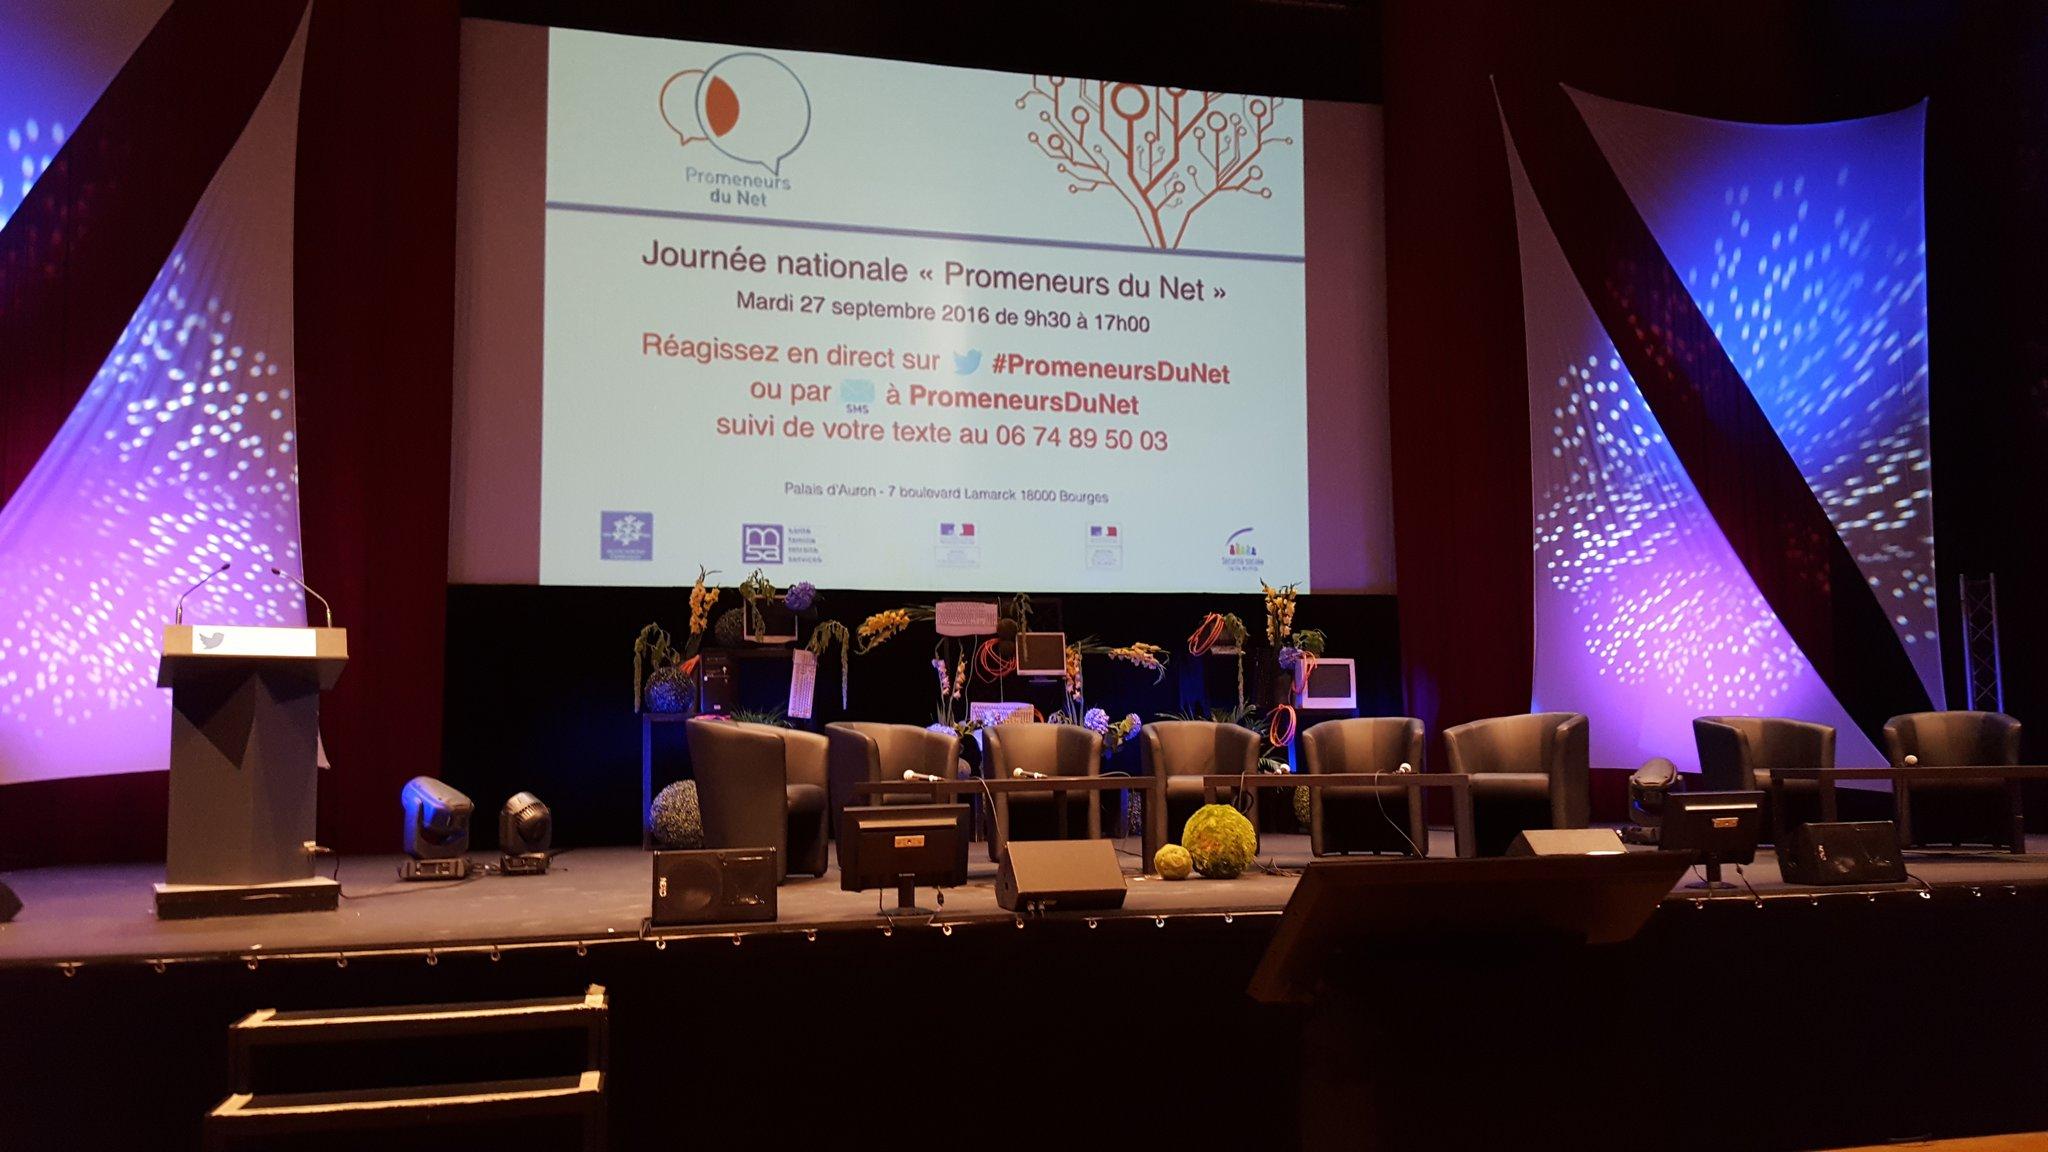 Belle salle pour les #promeneursdunet 350 personnes attendues #bourges https://t.co/Sf45g6OD0q